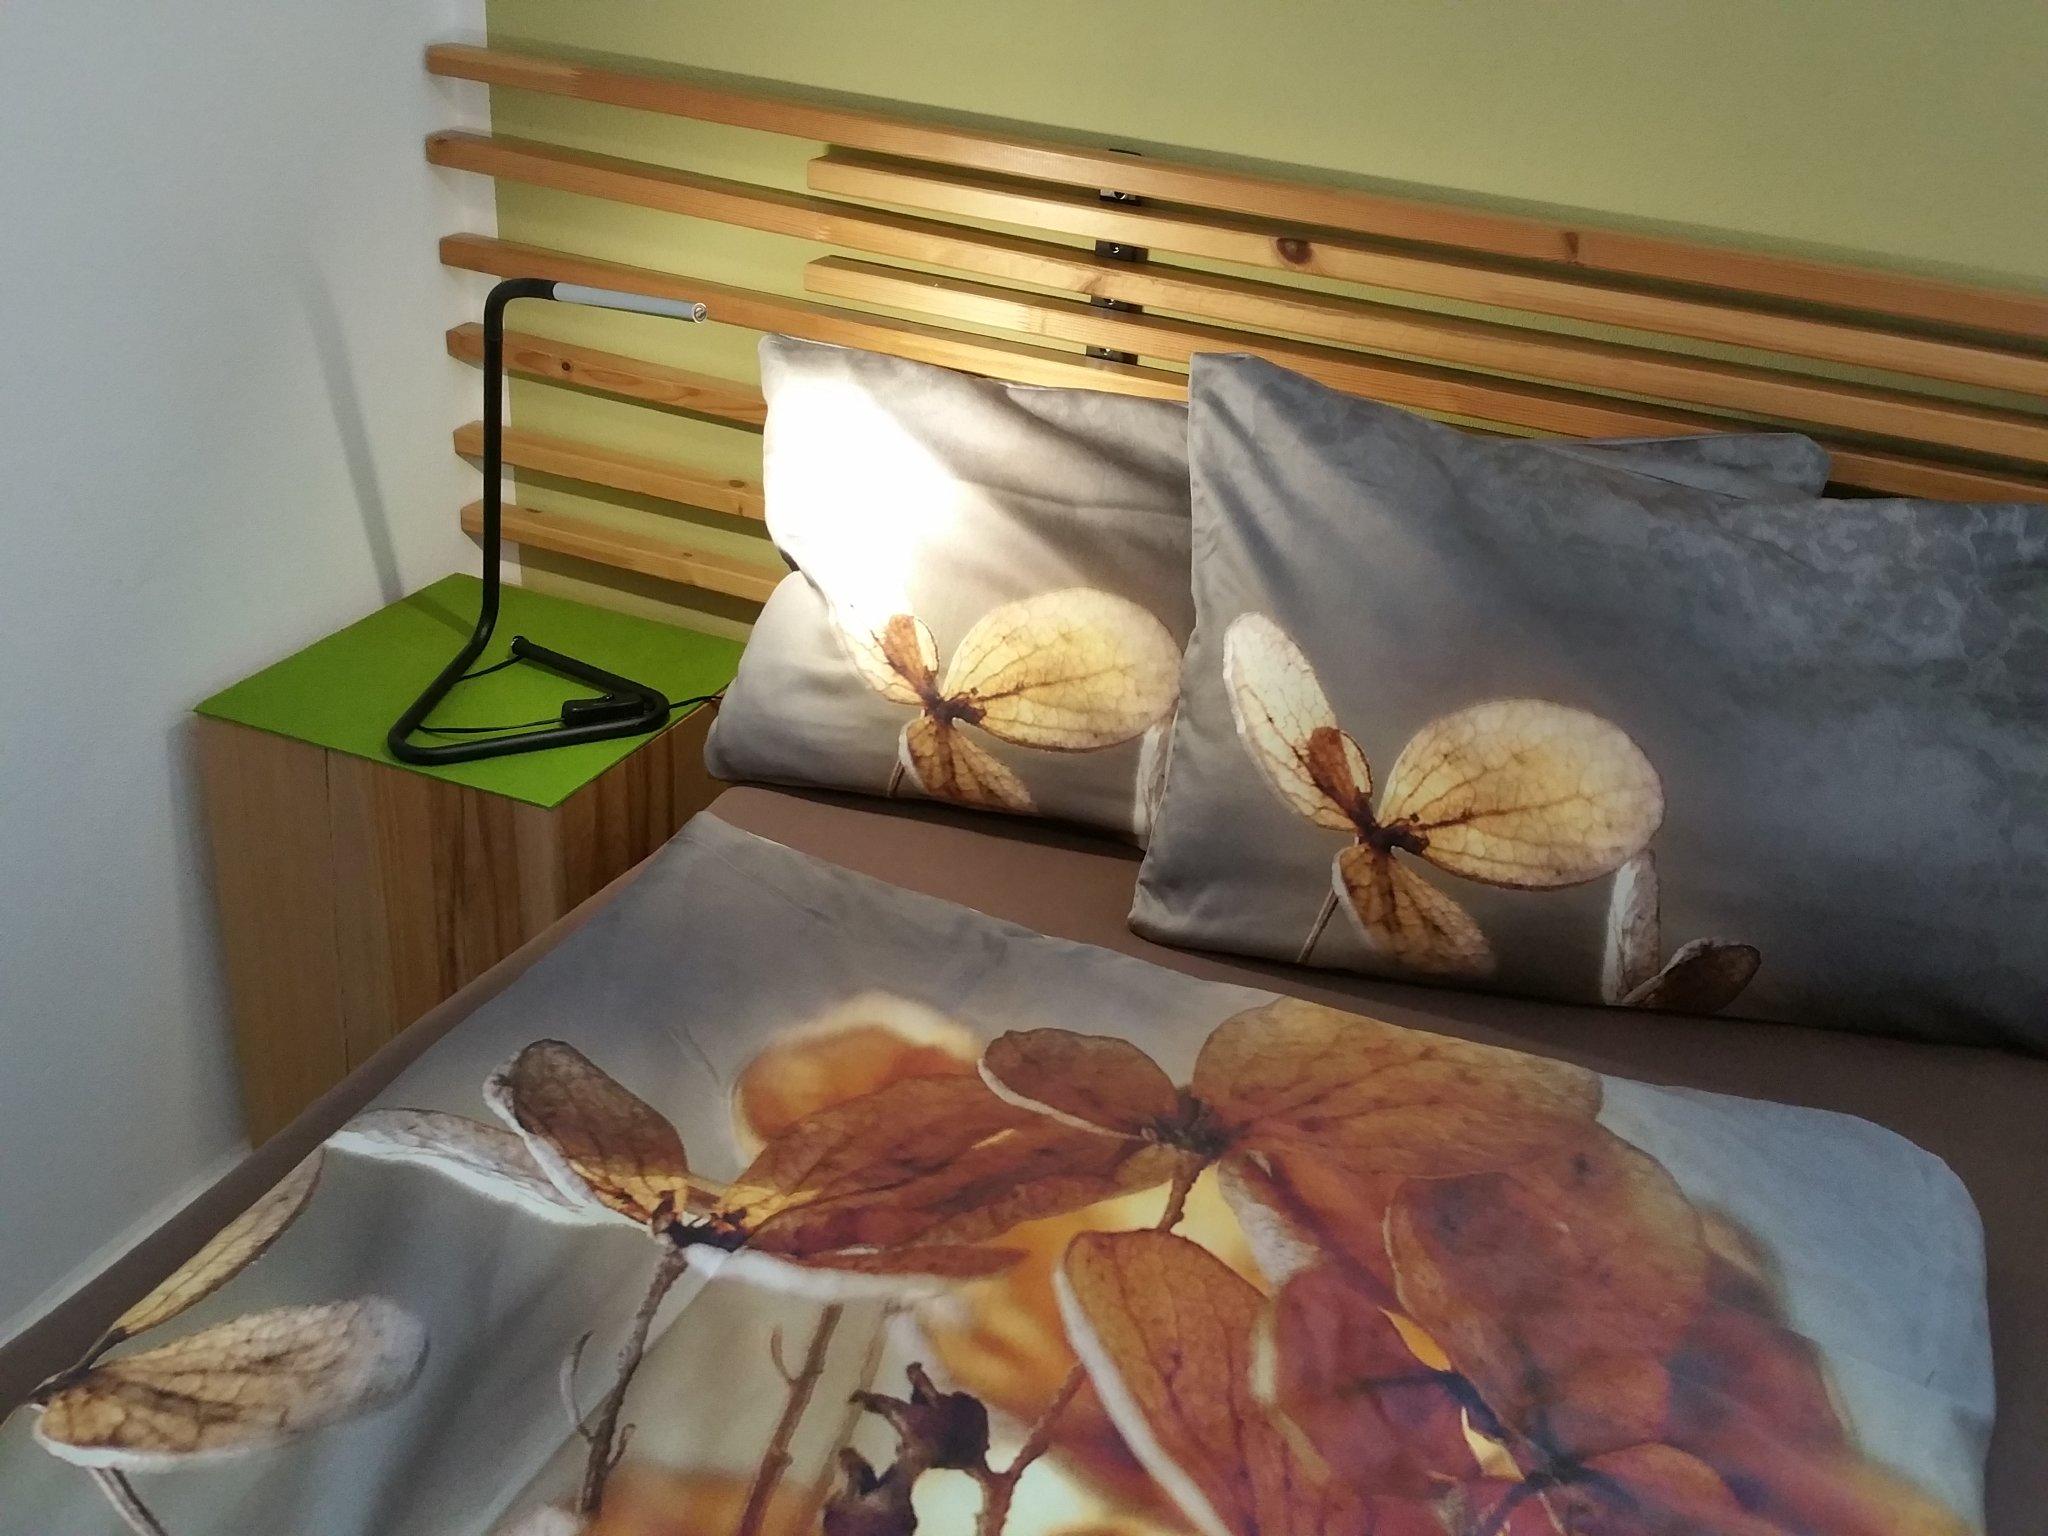 Schrank & Flachbild TV im Schlafzimmer